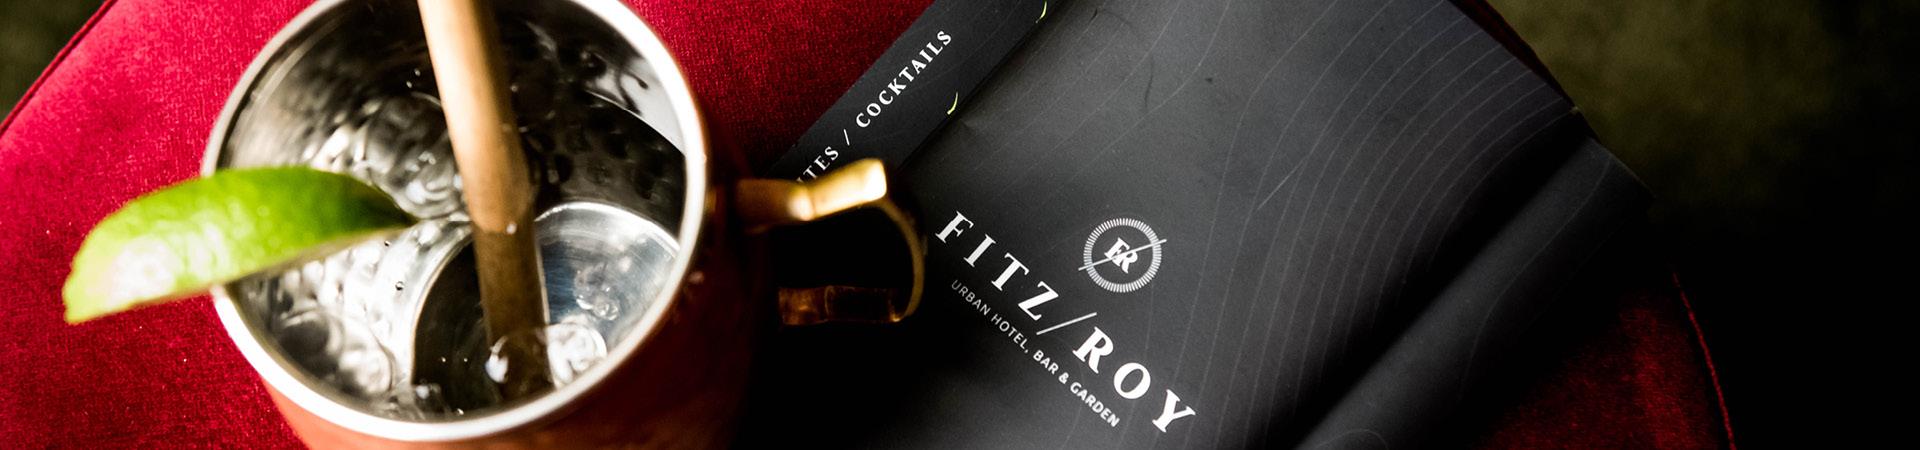 De menukaart van hotel Fitz Roy